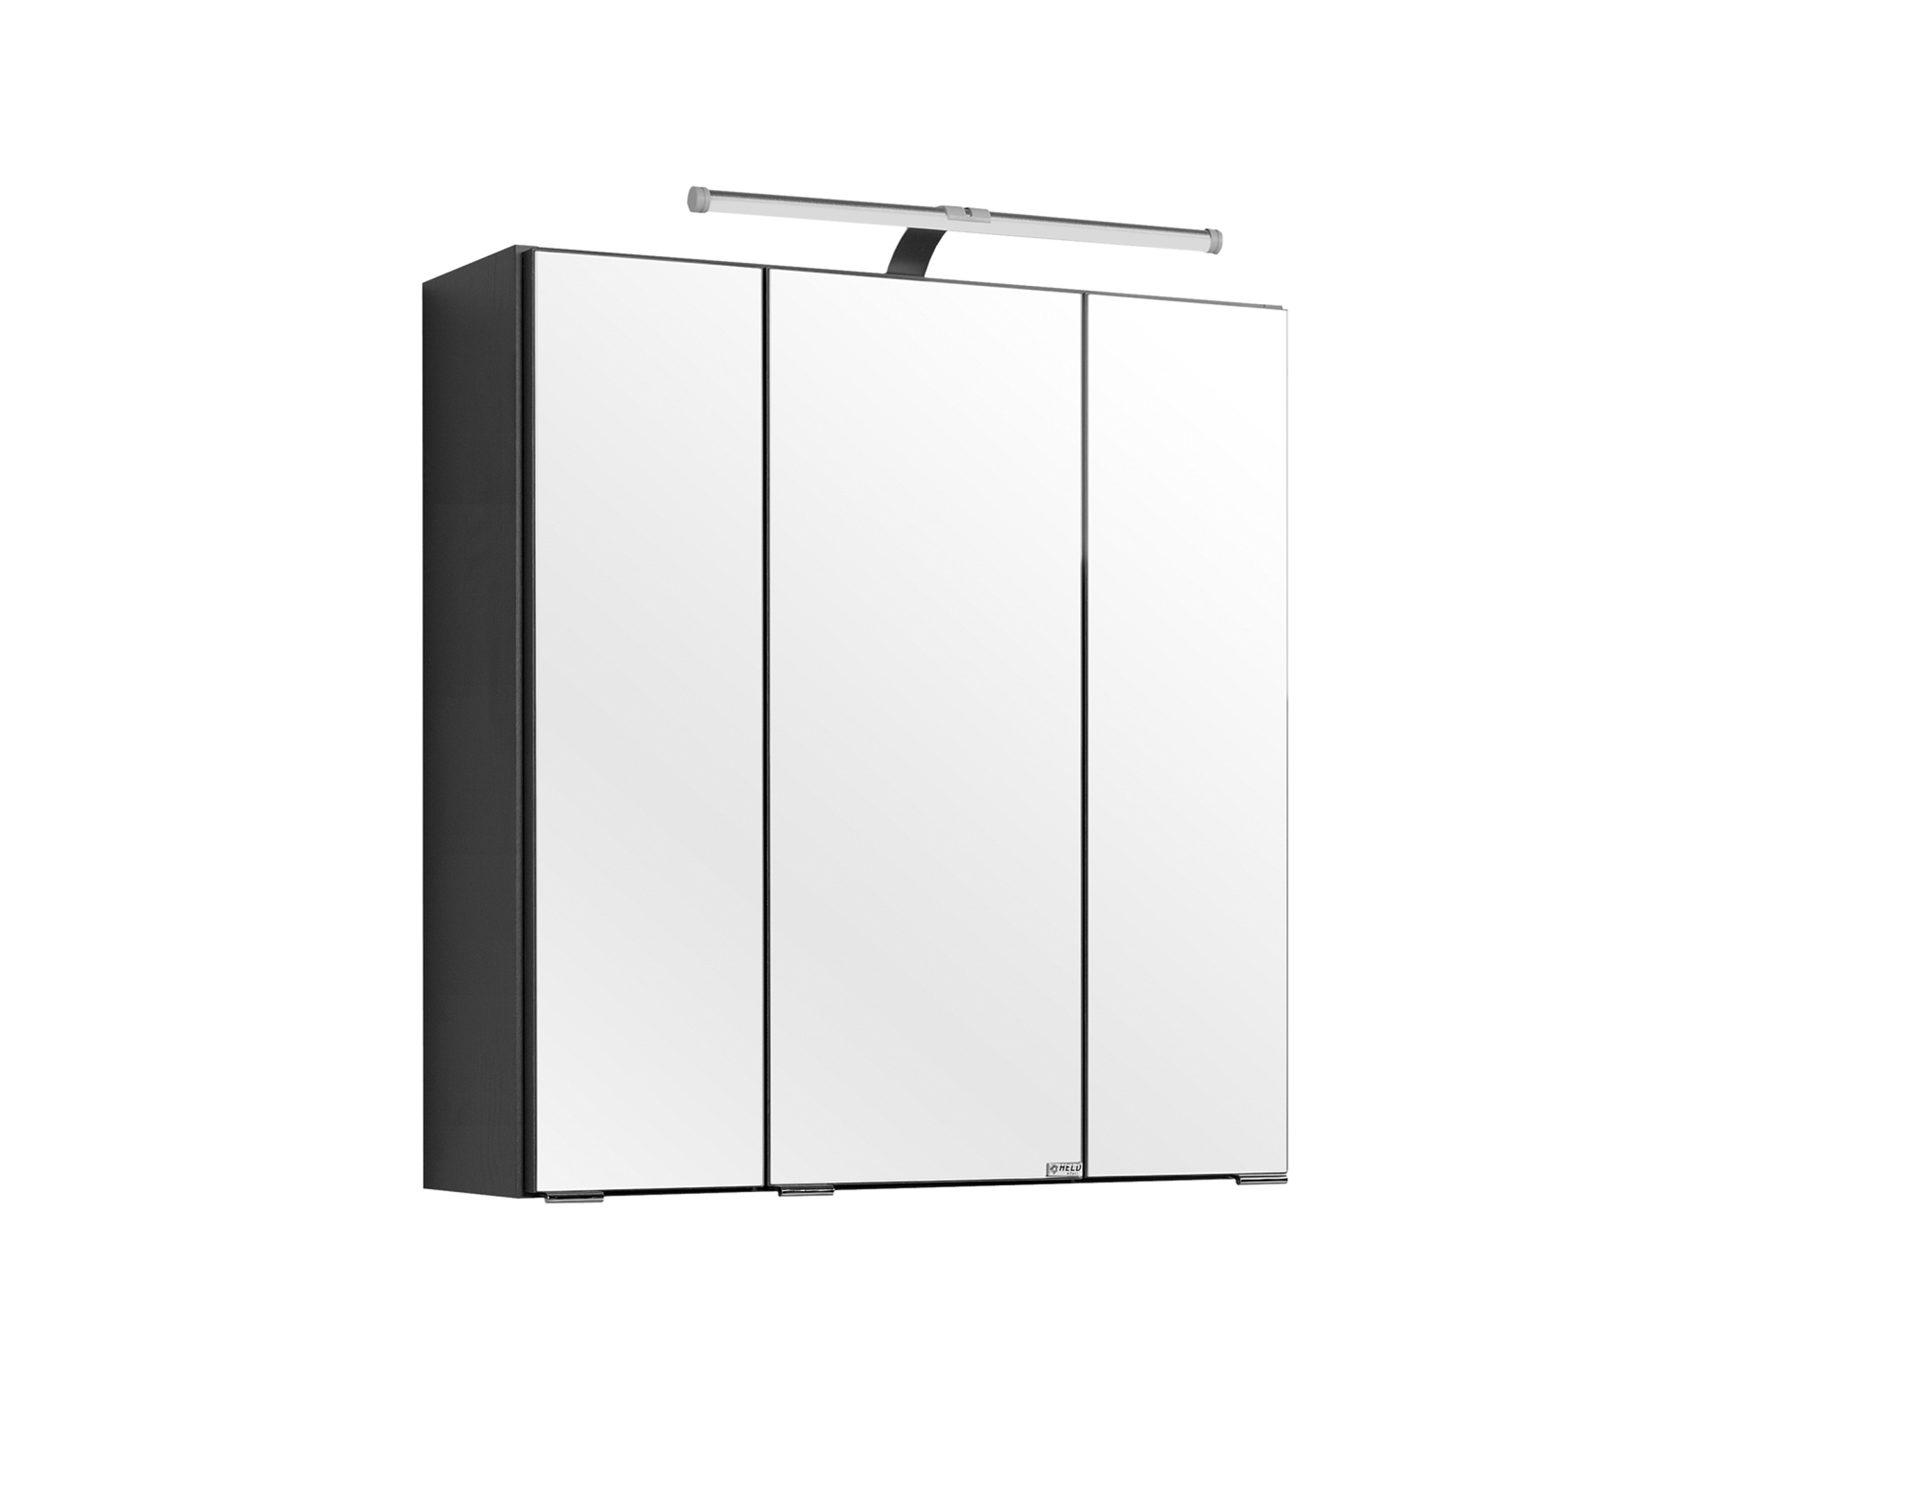 60 x 66 x 20 cm Wei/ß Held M/öbel Portofino Spiegelschrank